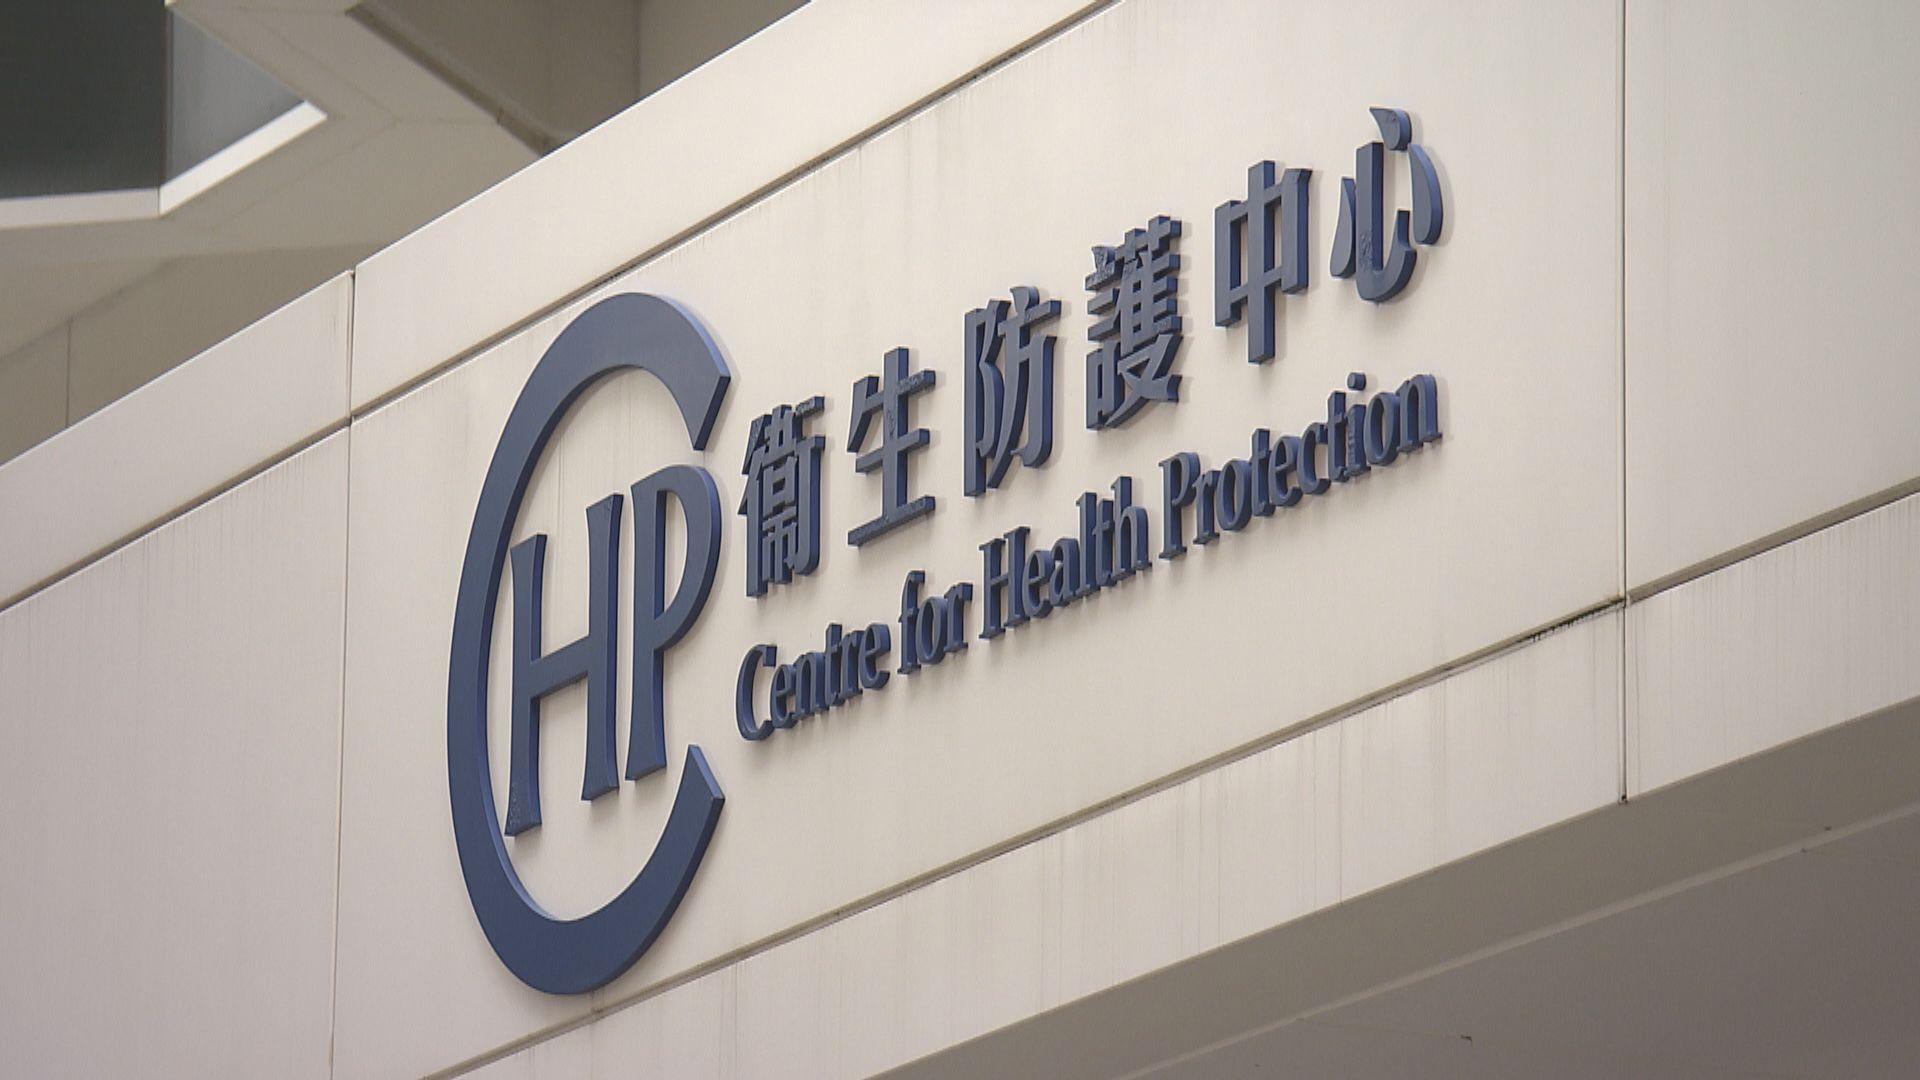 中大化驗所檢測深喉唾液樣本過程受污染 19人受影響